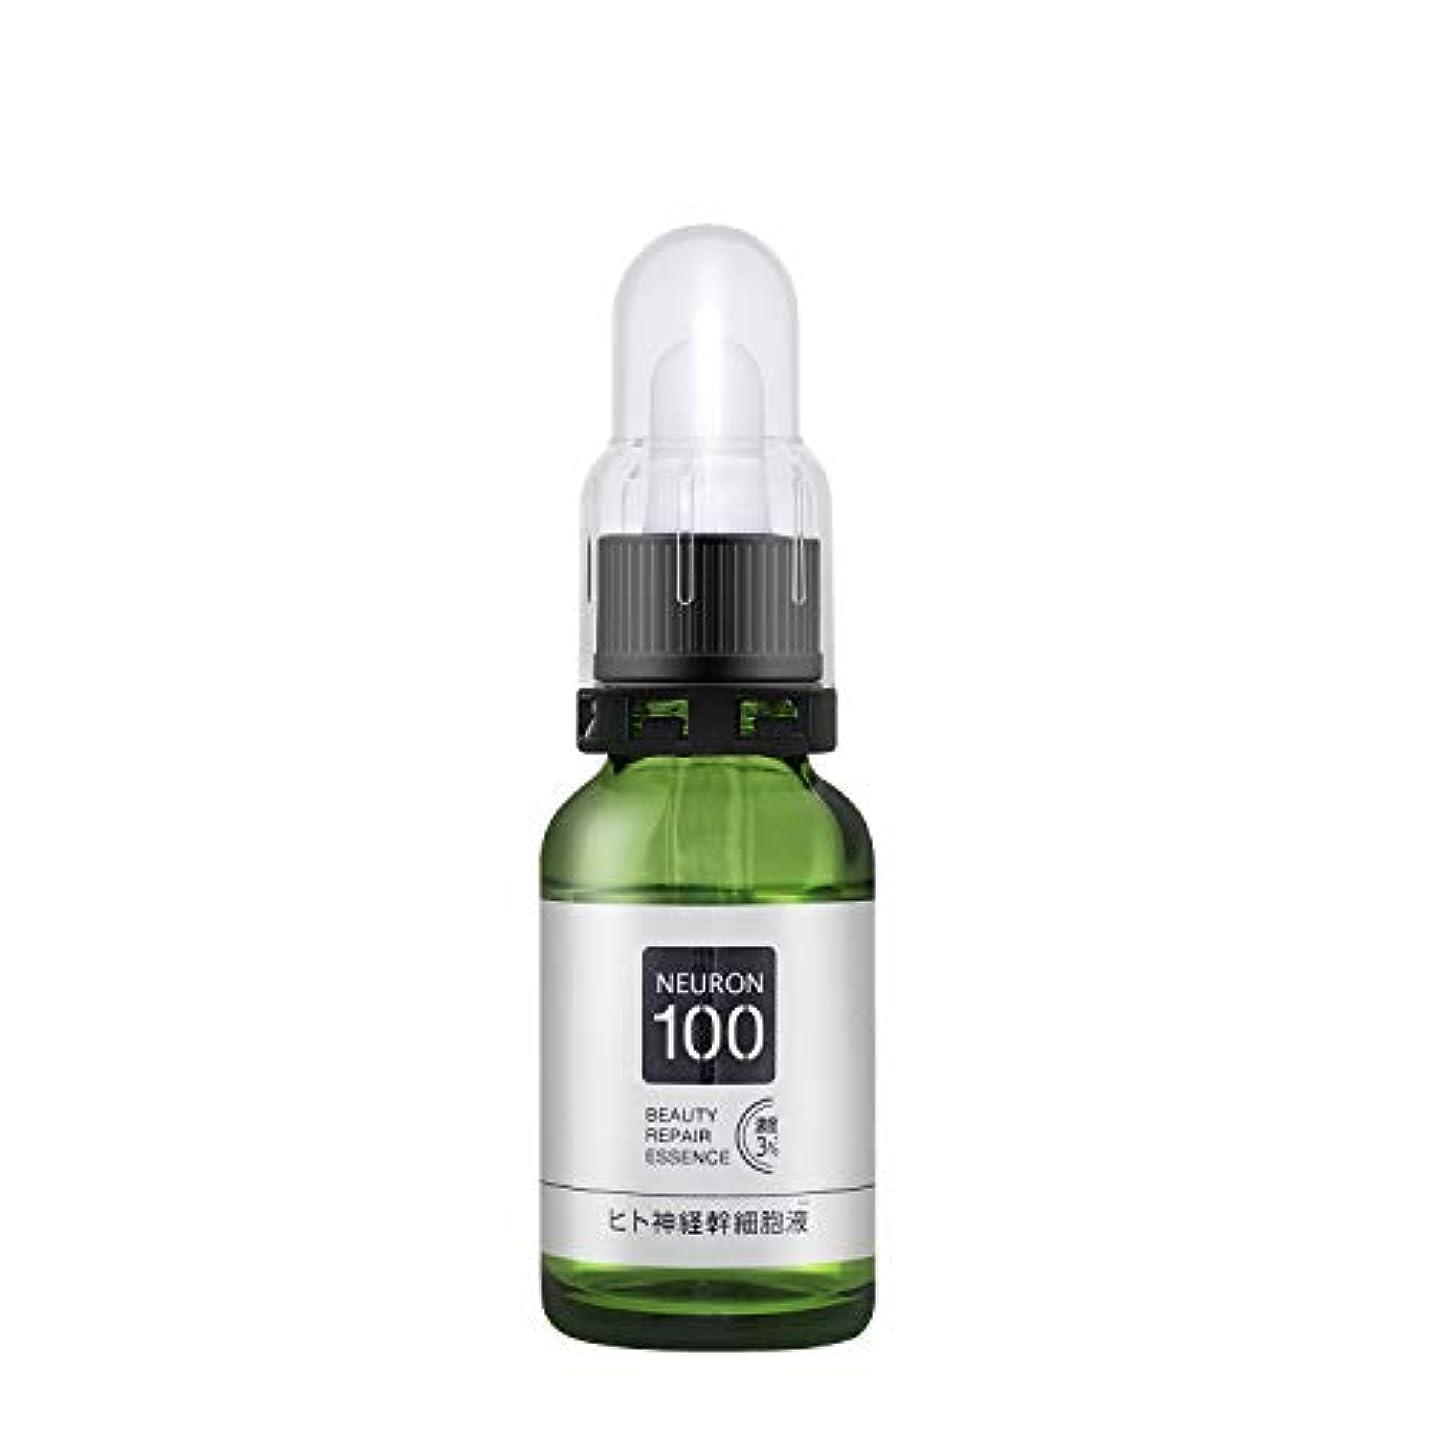 クアッガ休みピルファーエドニス ニューロン100 ヒト神経幹細胞ビューティーリペアエッセンス 濃度3% 美容液